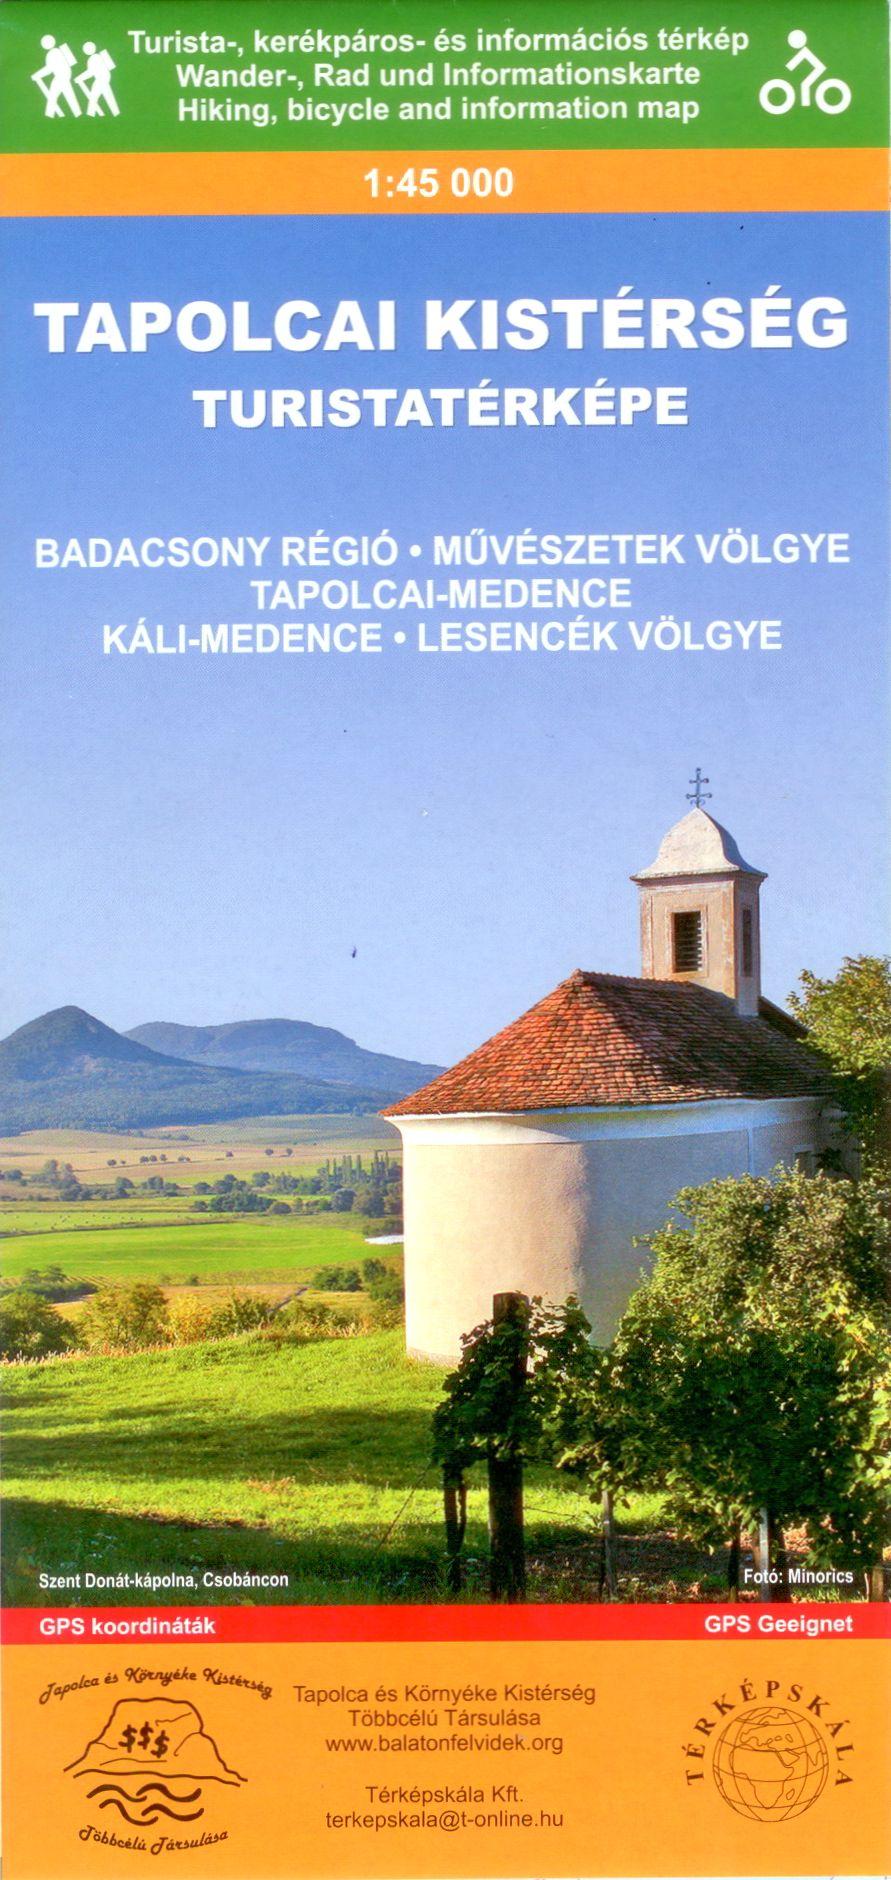 Badacsony régió, Művészetek-völgye, Tapolcai-medence, Káli-medence, Lesencék-völgye